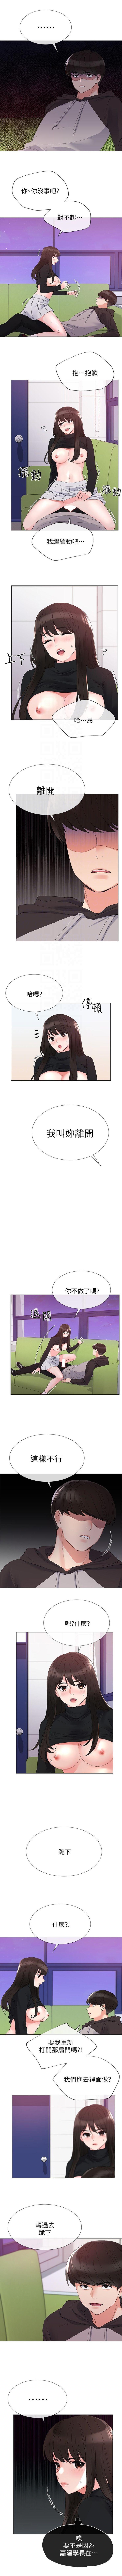 (週5)重考生 1-52 中文翻譯(更新中) 171